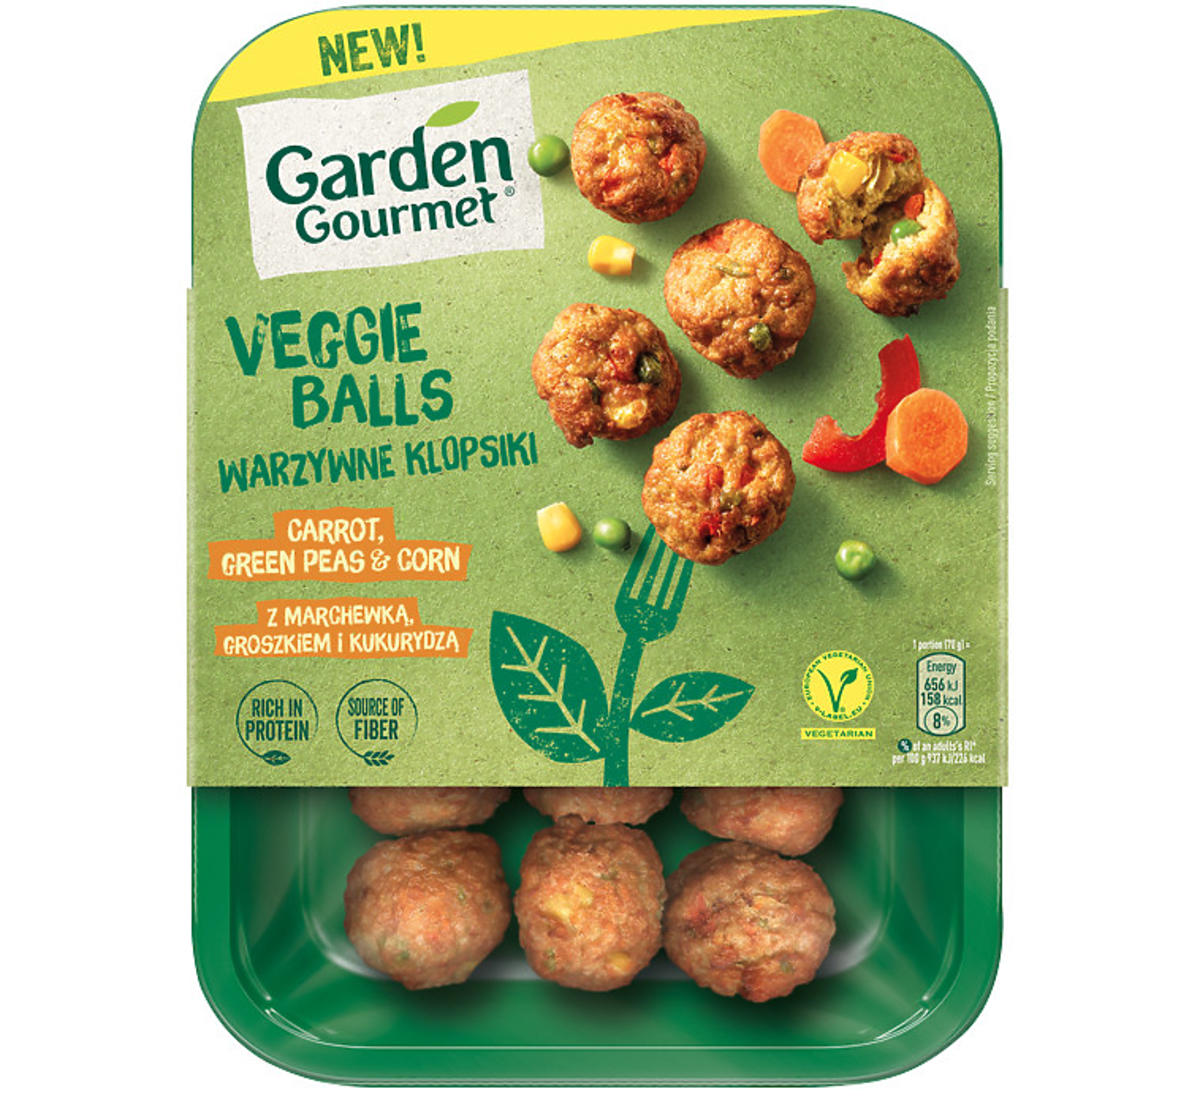 Roślinne zamienniki mięsa od Nestlé już na sklepowych półkach